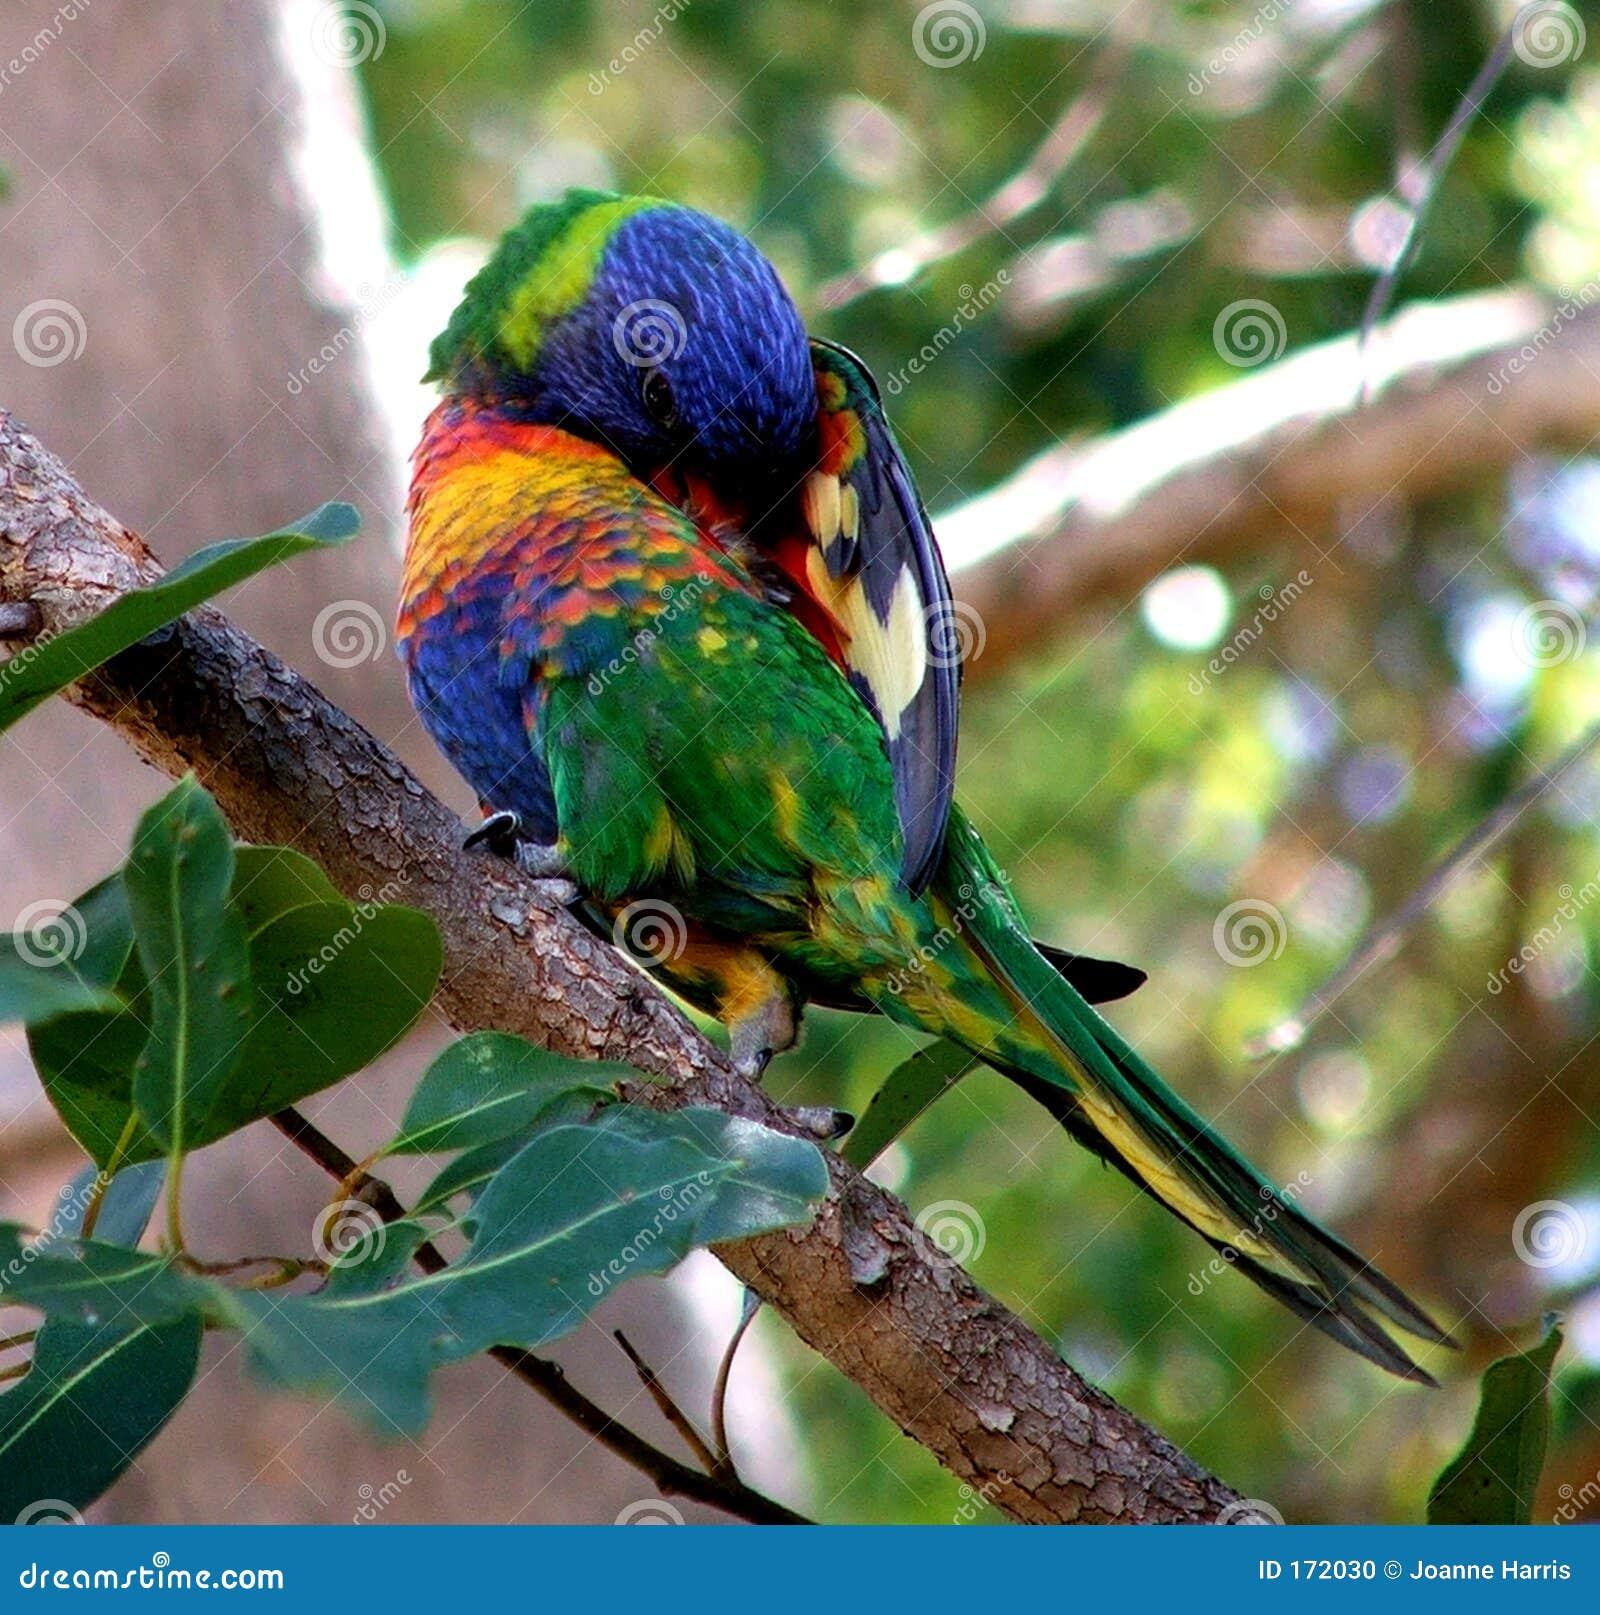 Bird - Australian Lorrikeet